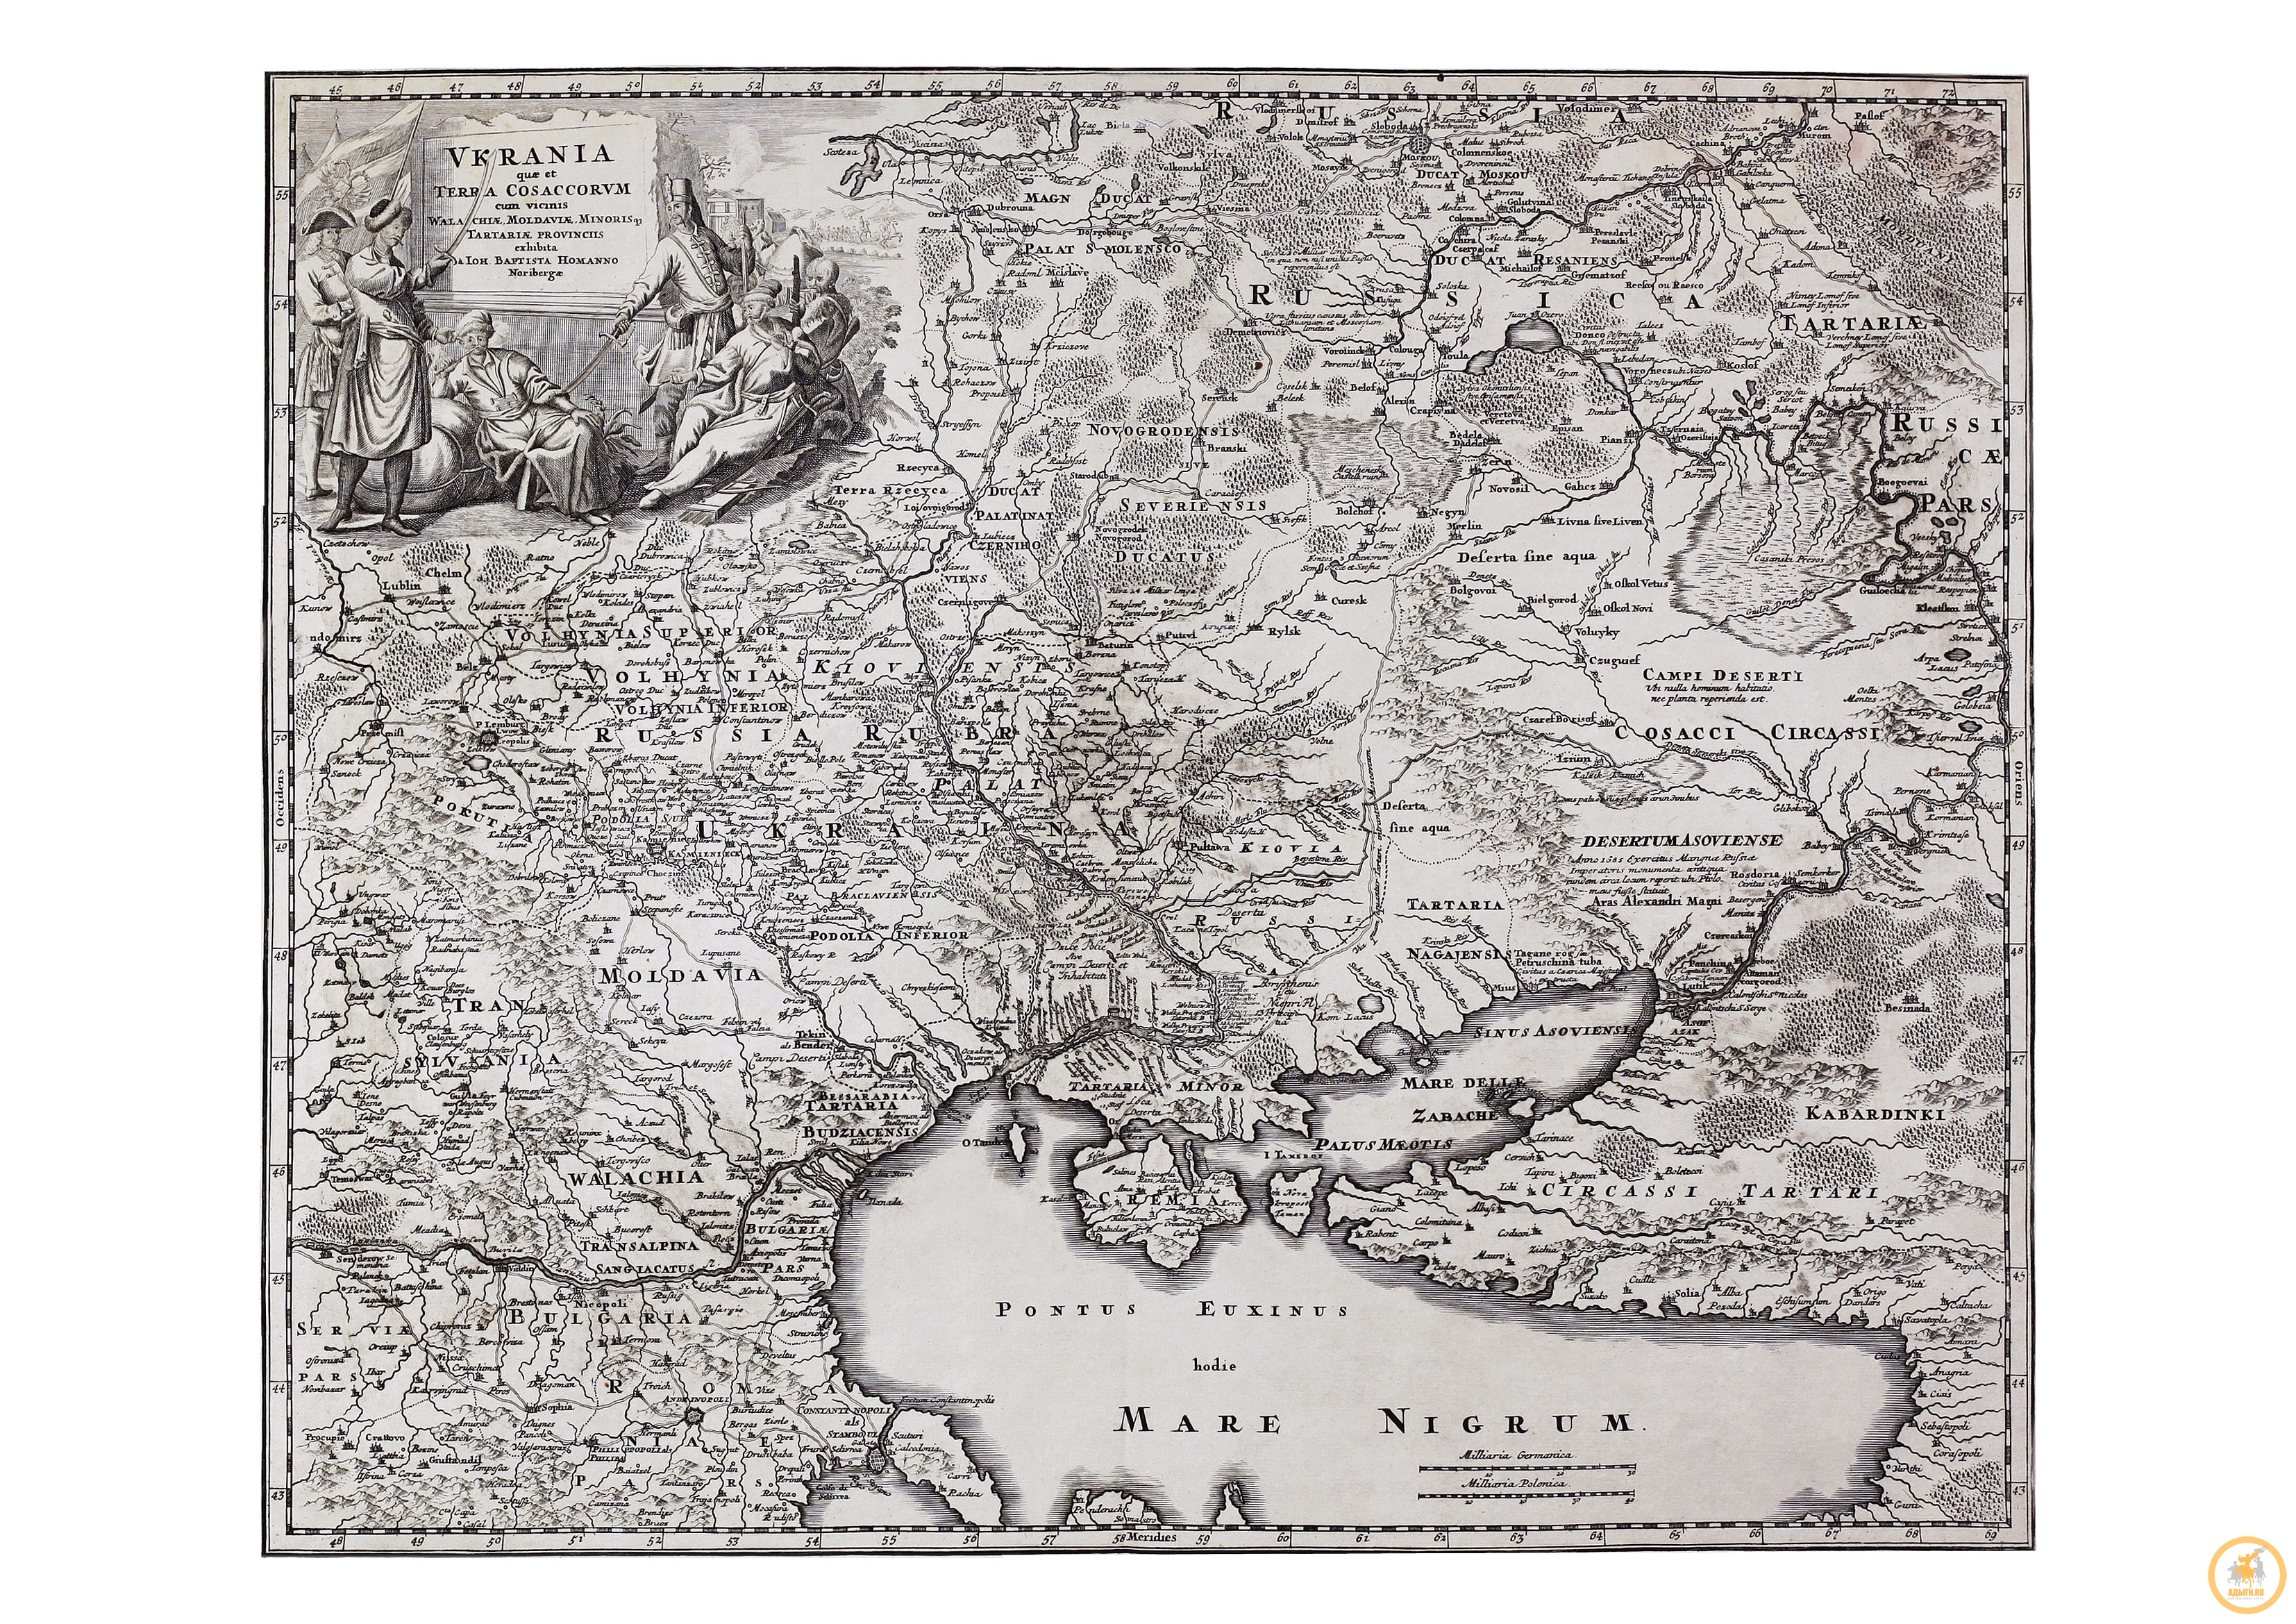 Хоманн И. Б. Украина и земля козаков. 1720 г.